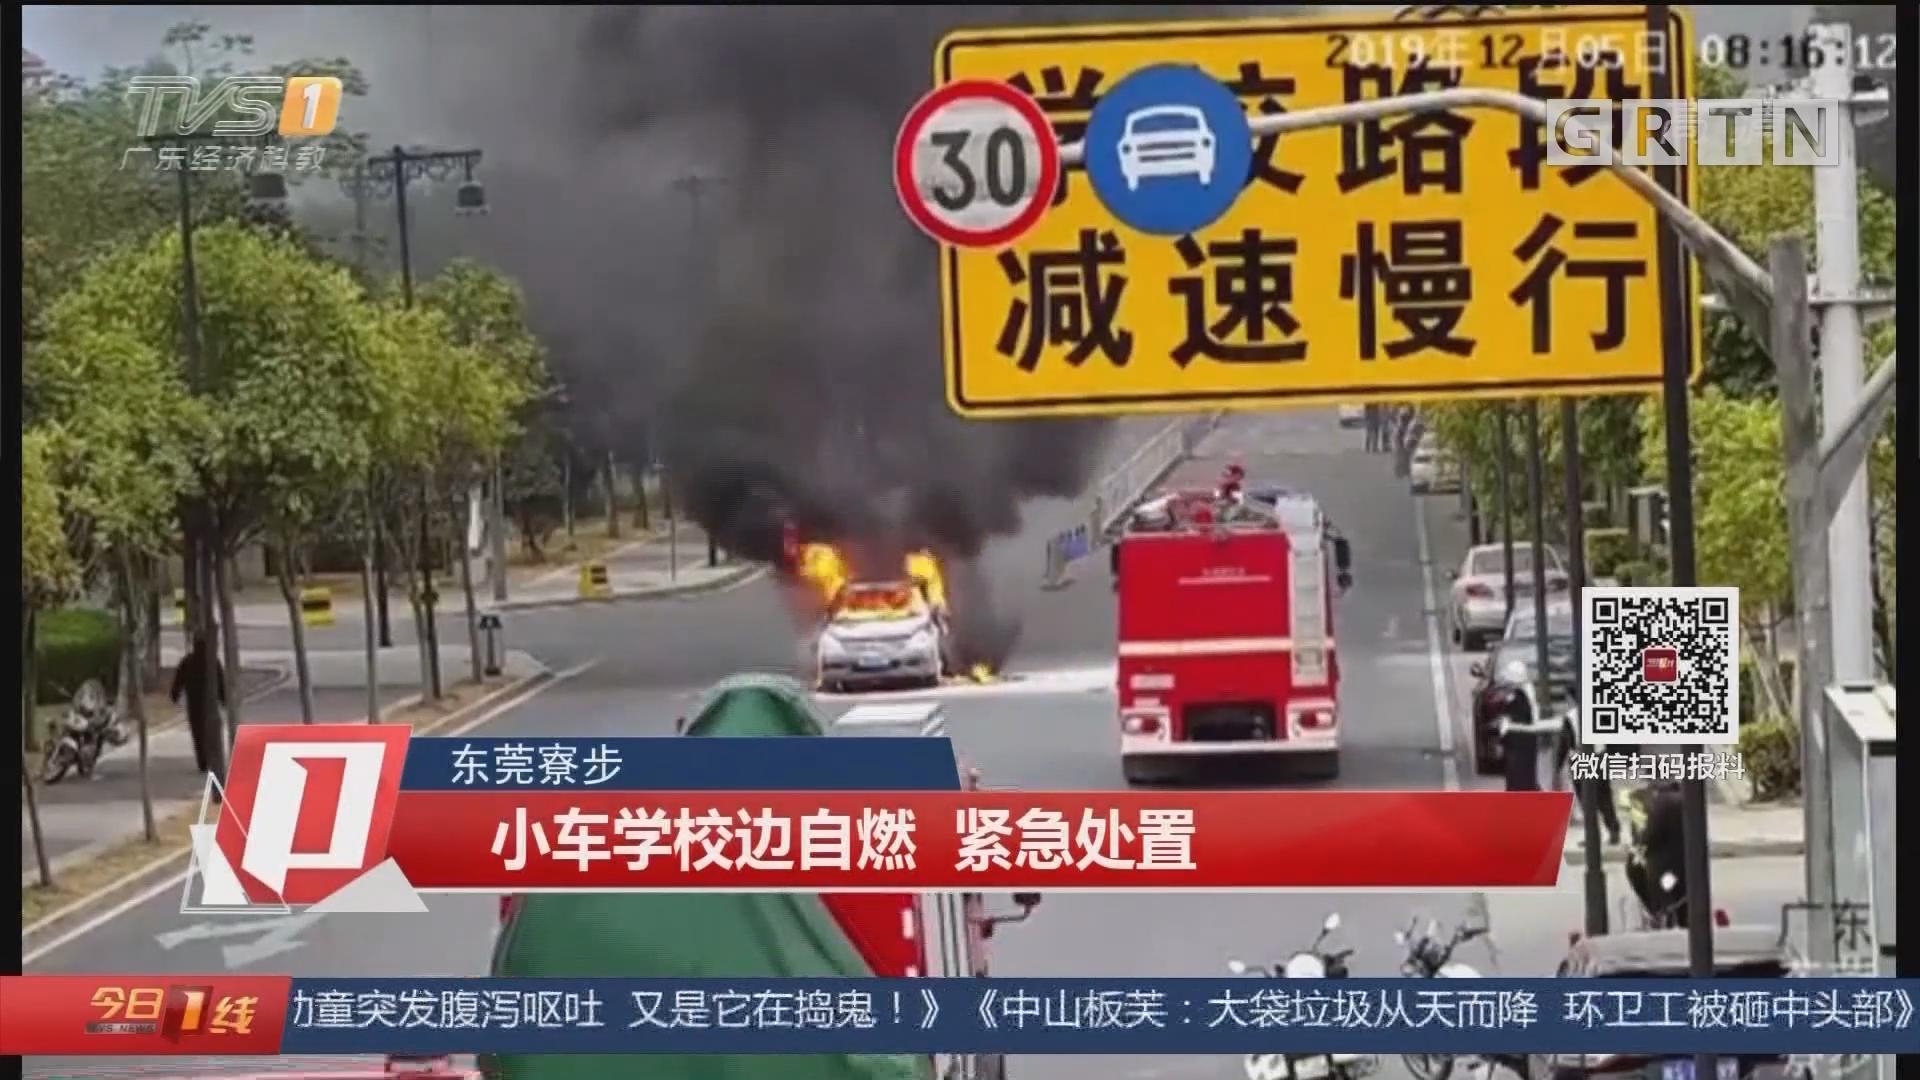 东莞寮步 小车学校边自燃 紧急处置